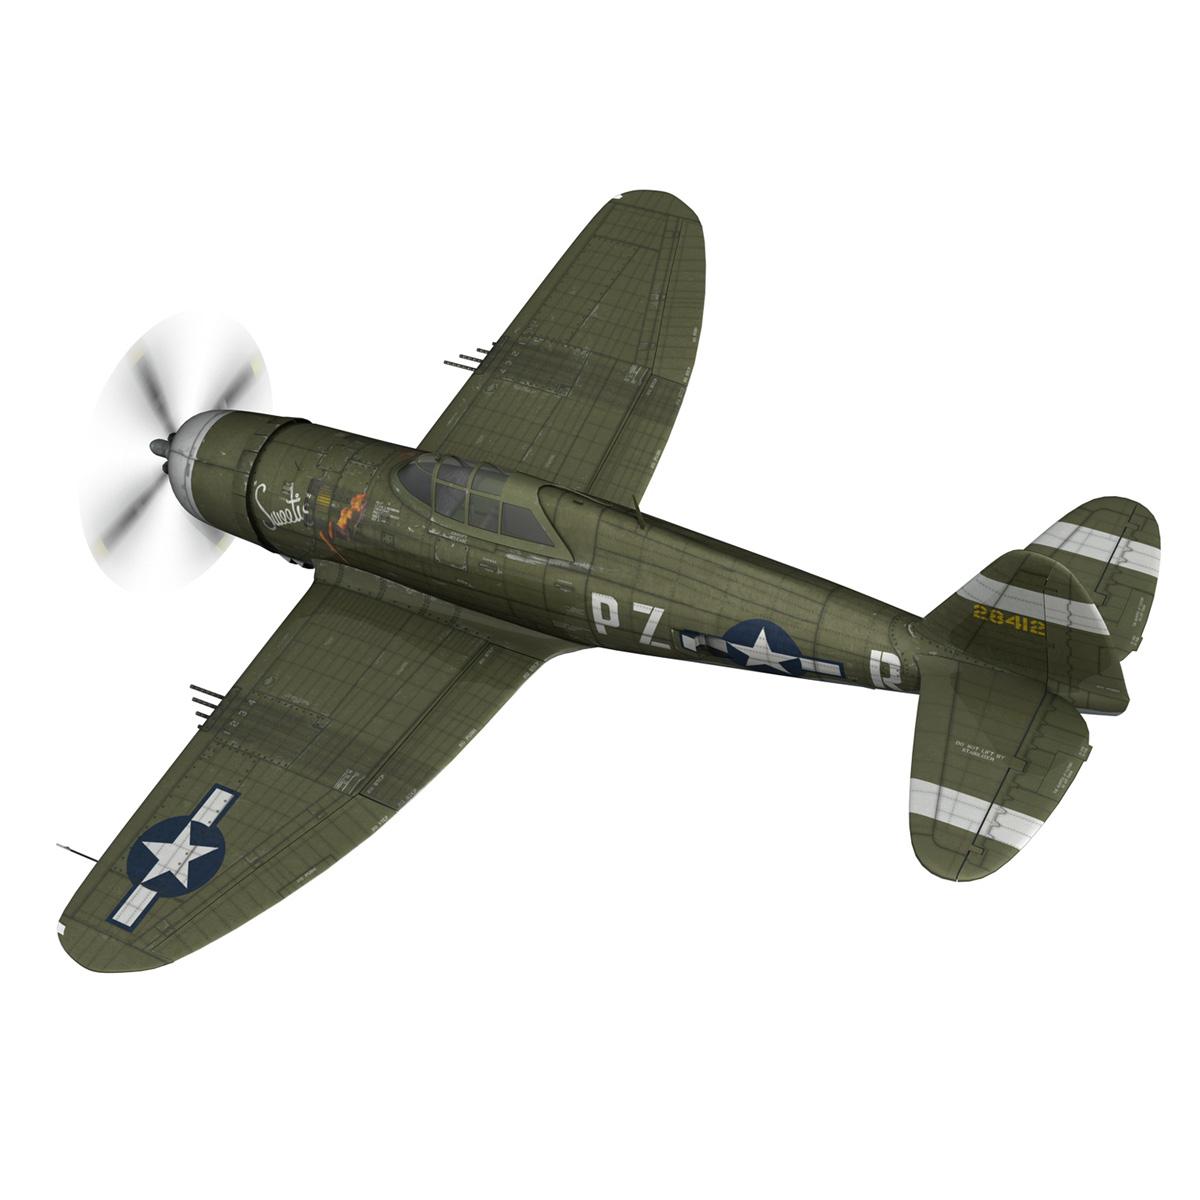 republic p-47d thunderbolt – sweetie – pz-r 3d model 3ds fbx c4d lwo obj 281834